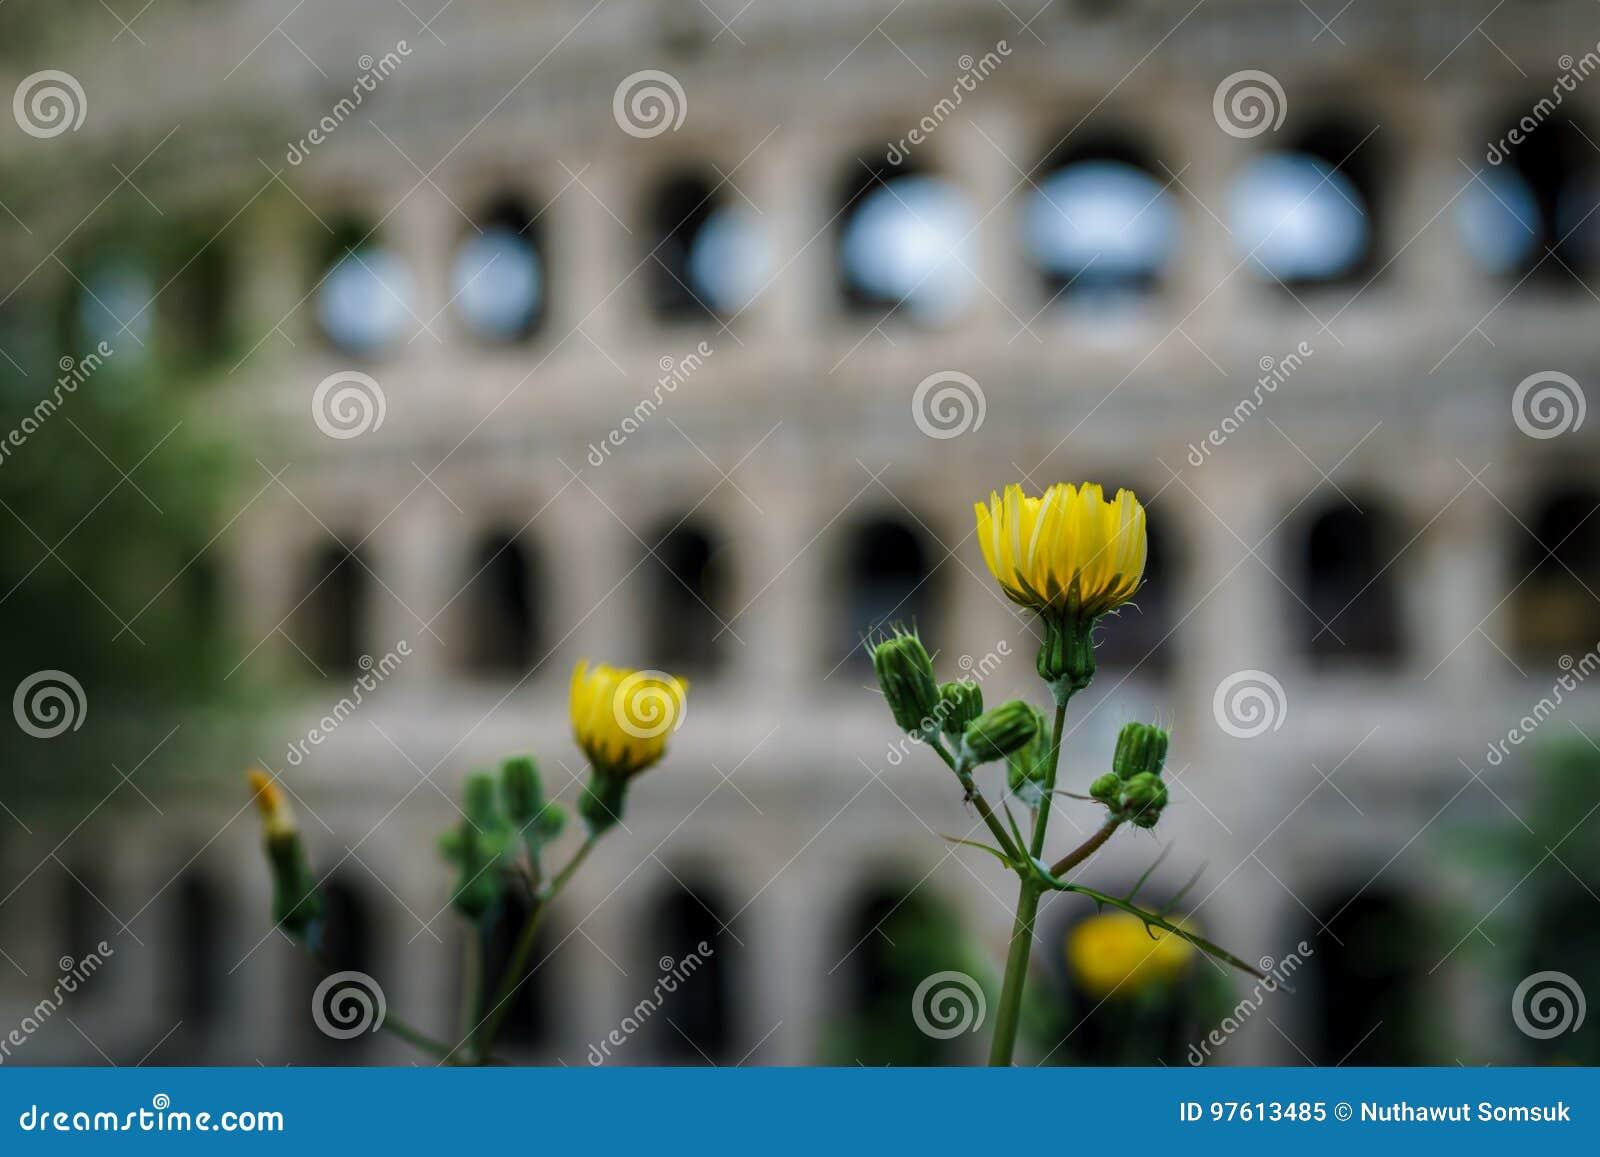 Fiori Gialli Roma.Colpo Alto Chiuso Del Fiore Giallo Con Colosseum Vago Nelle Sedere